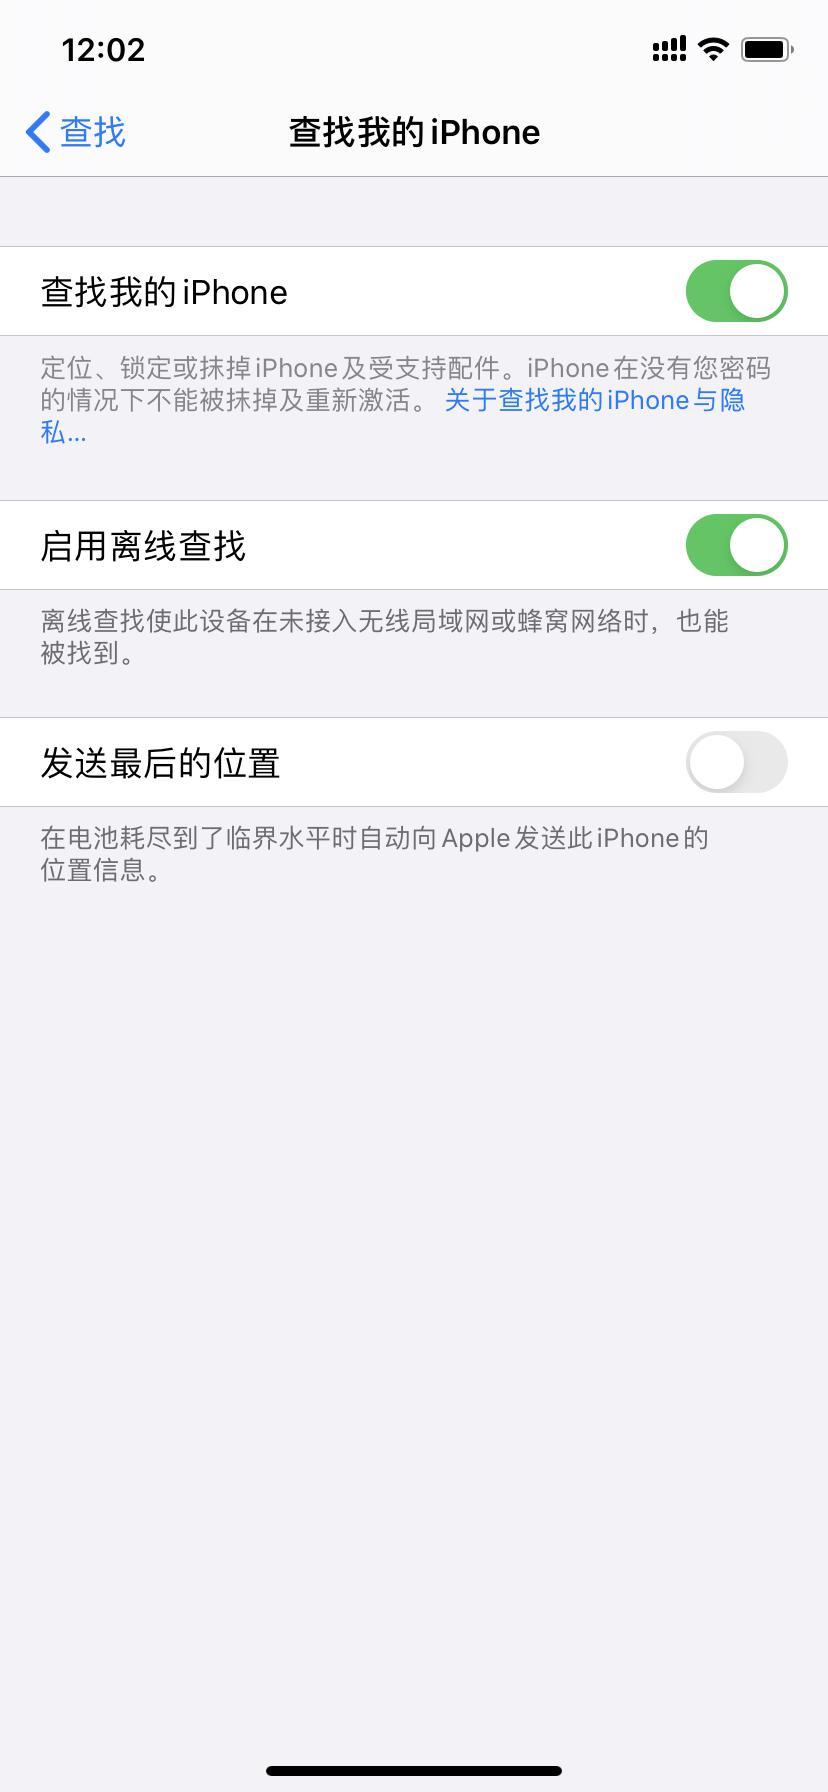 苹果官方自曝新品:买个AirTag,以后不用担心丢手机了!